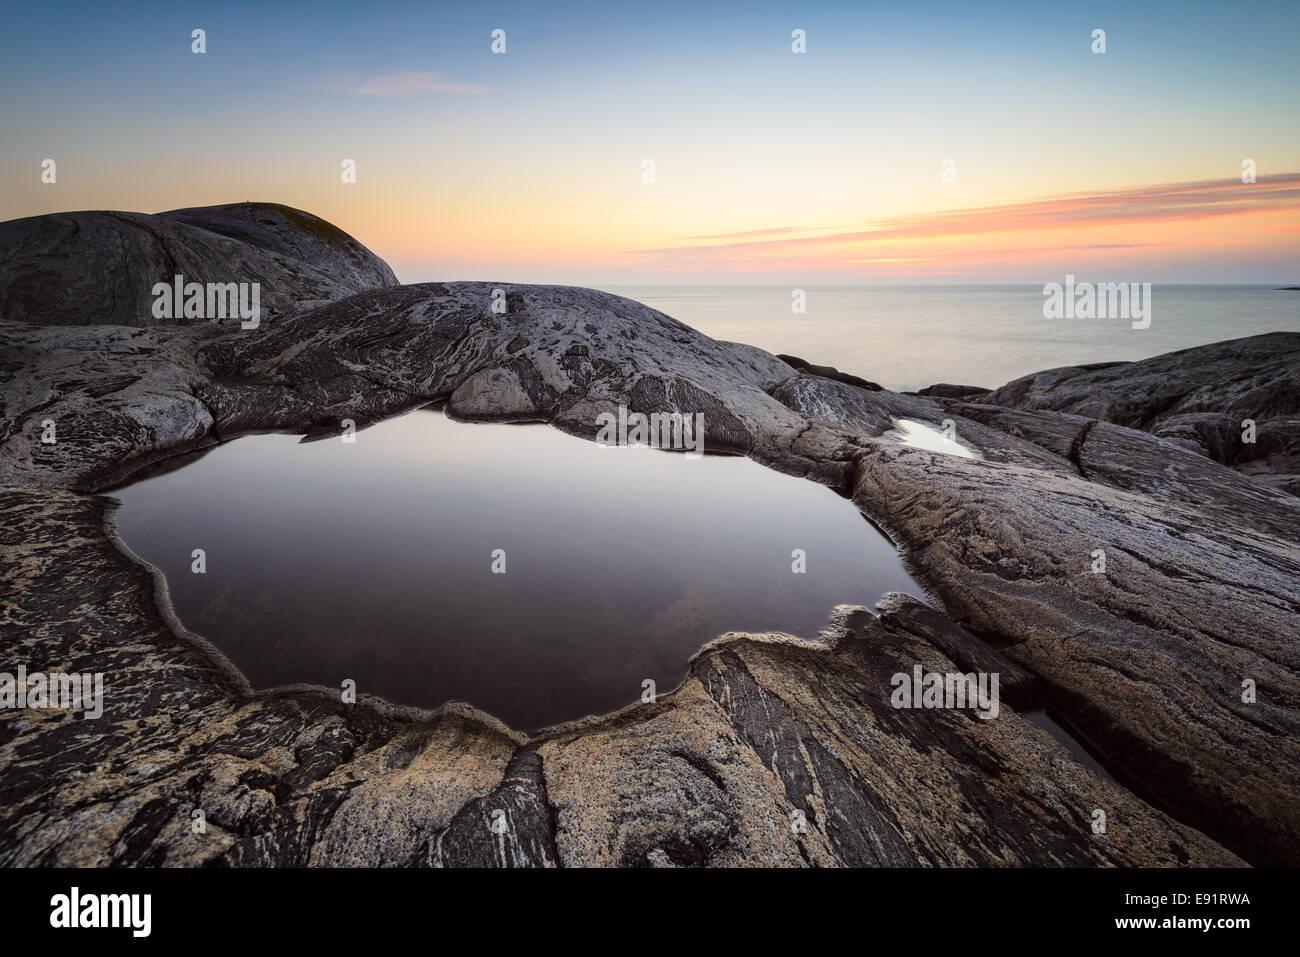 Glatte Flut Pool umgeben von Felsen bei Sonnenuntergang Stockbild